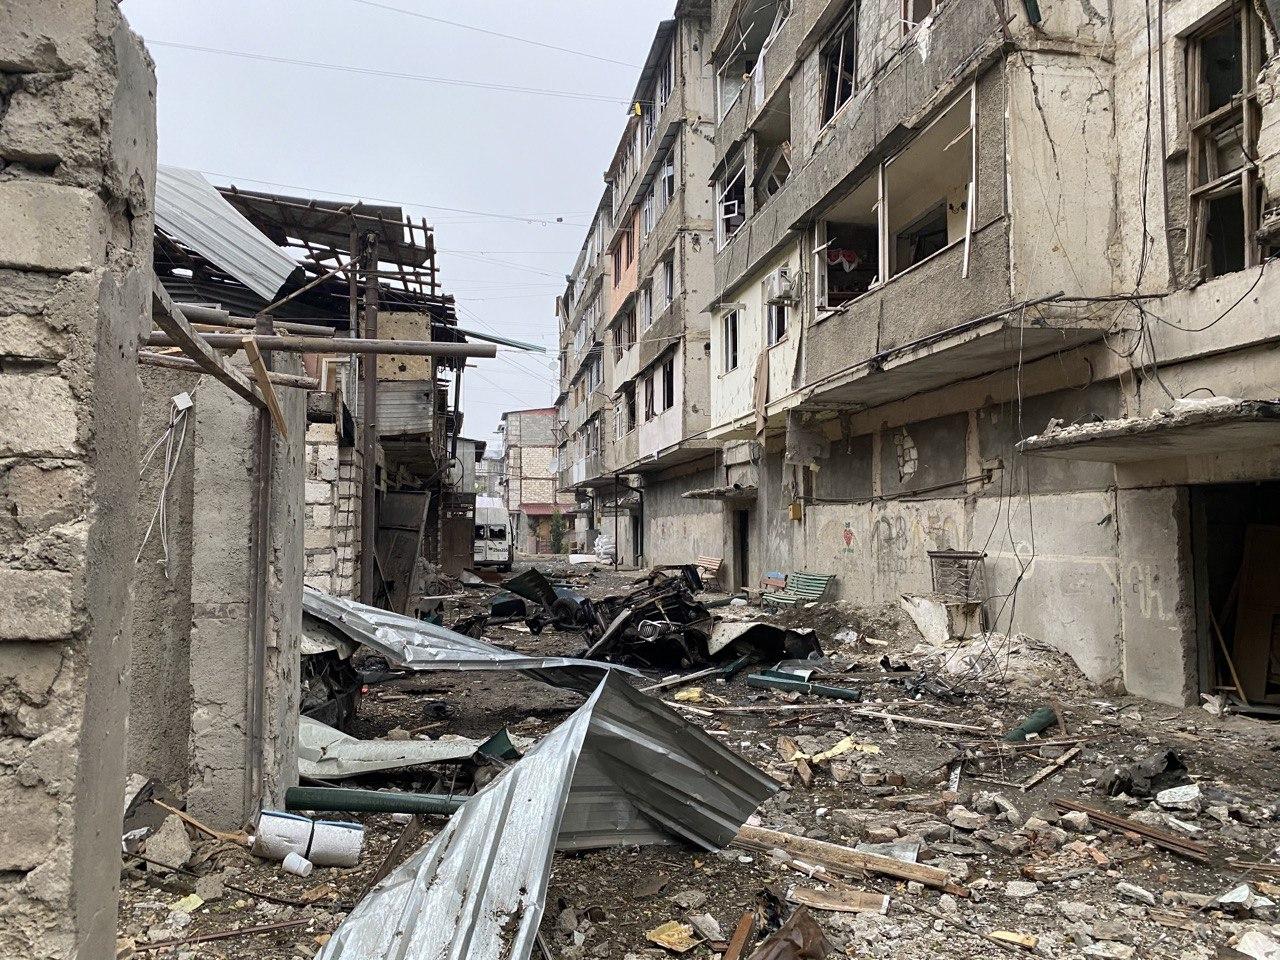 Daños estructurales provocados por un bombardeo azerí (2020).Fuente: Pablo González.